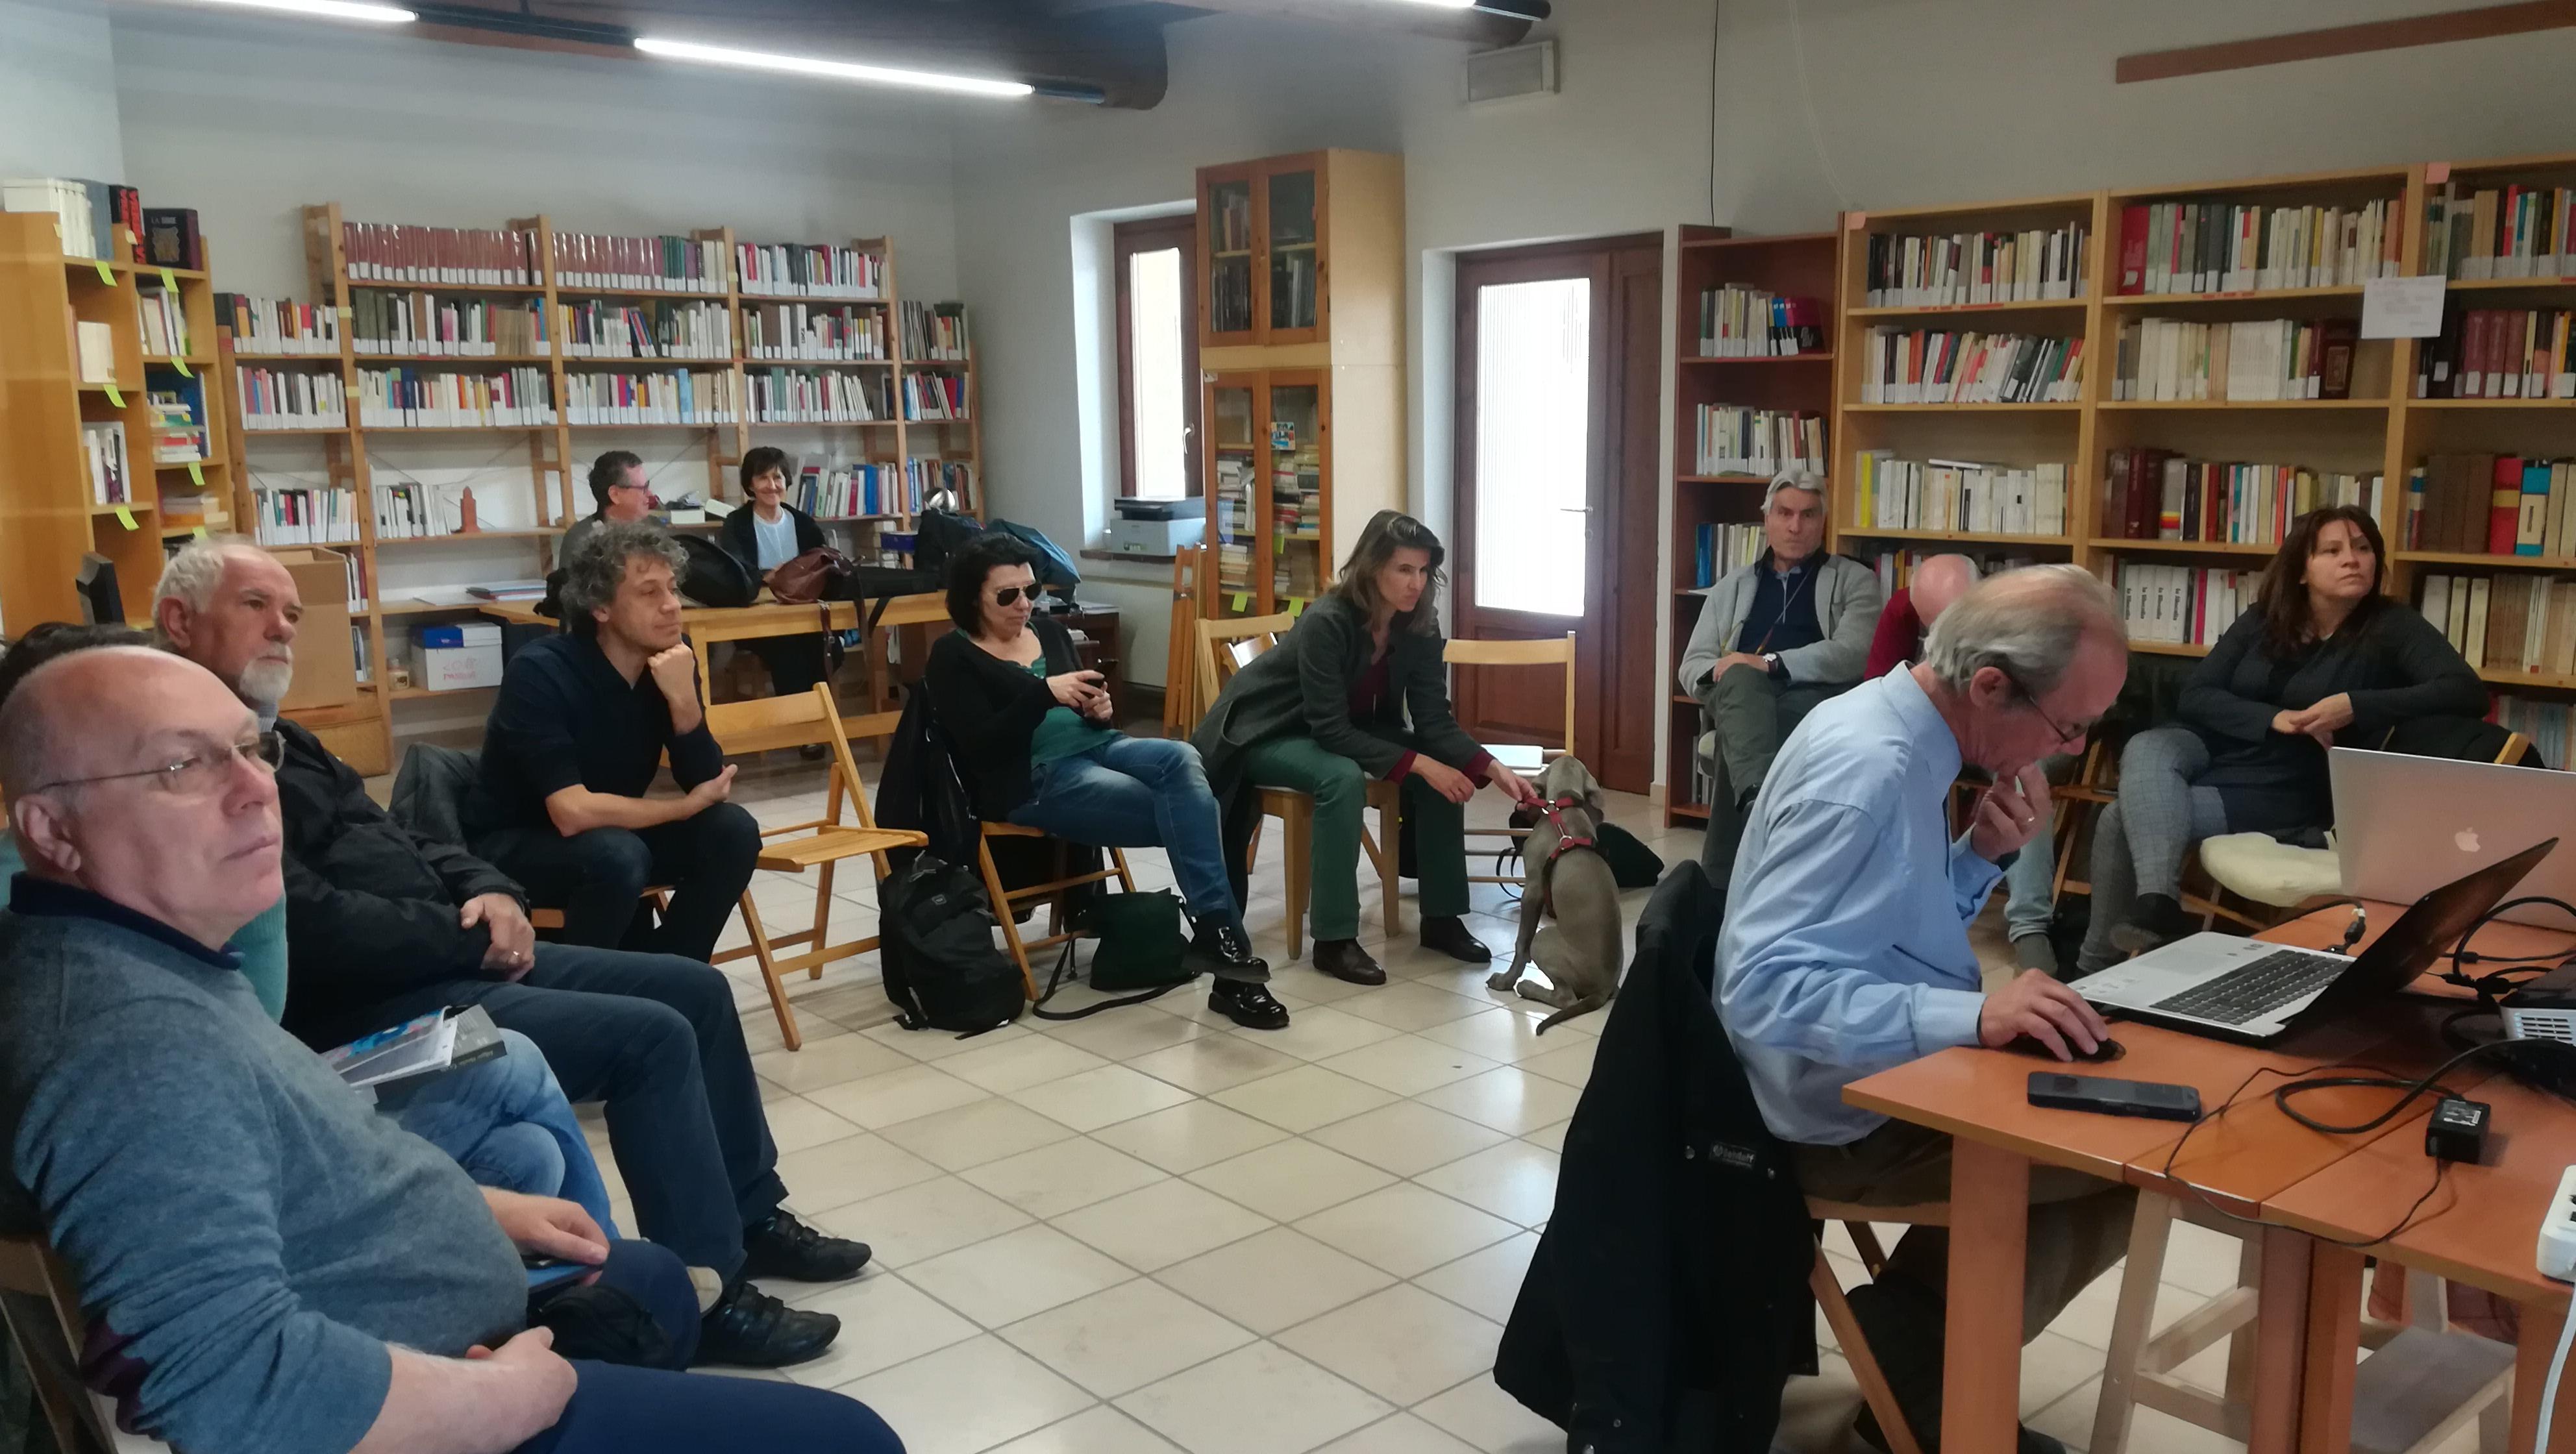 L'incontro al al Monastero del Bene Comune di Sezano (VR)